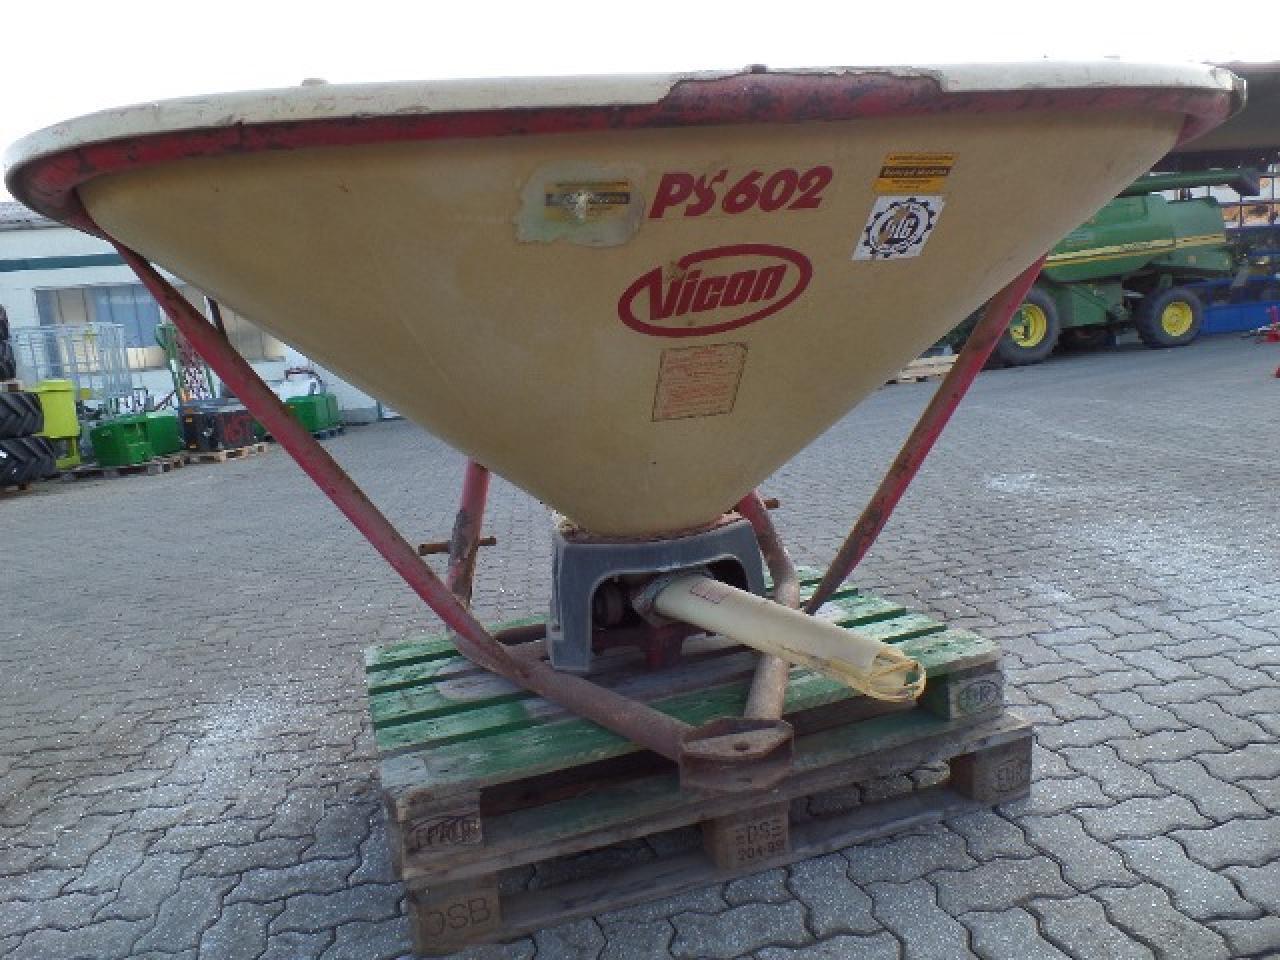 Vicon PS 602